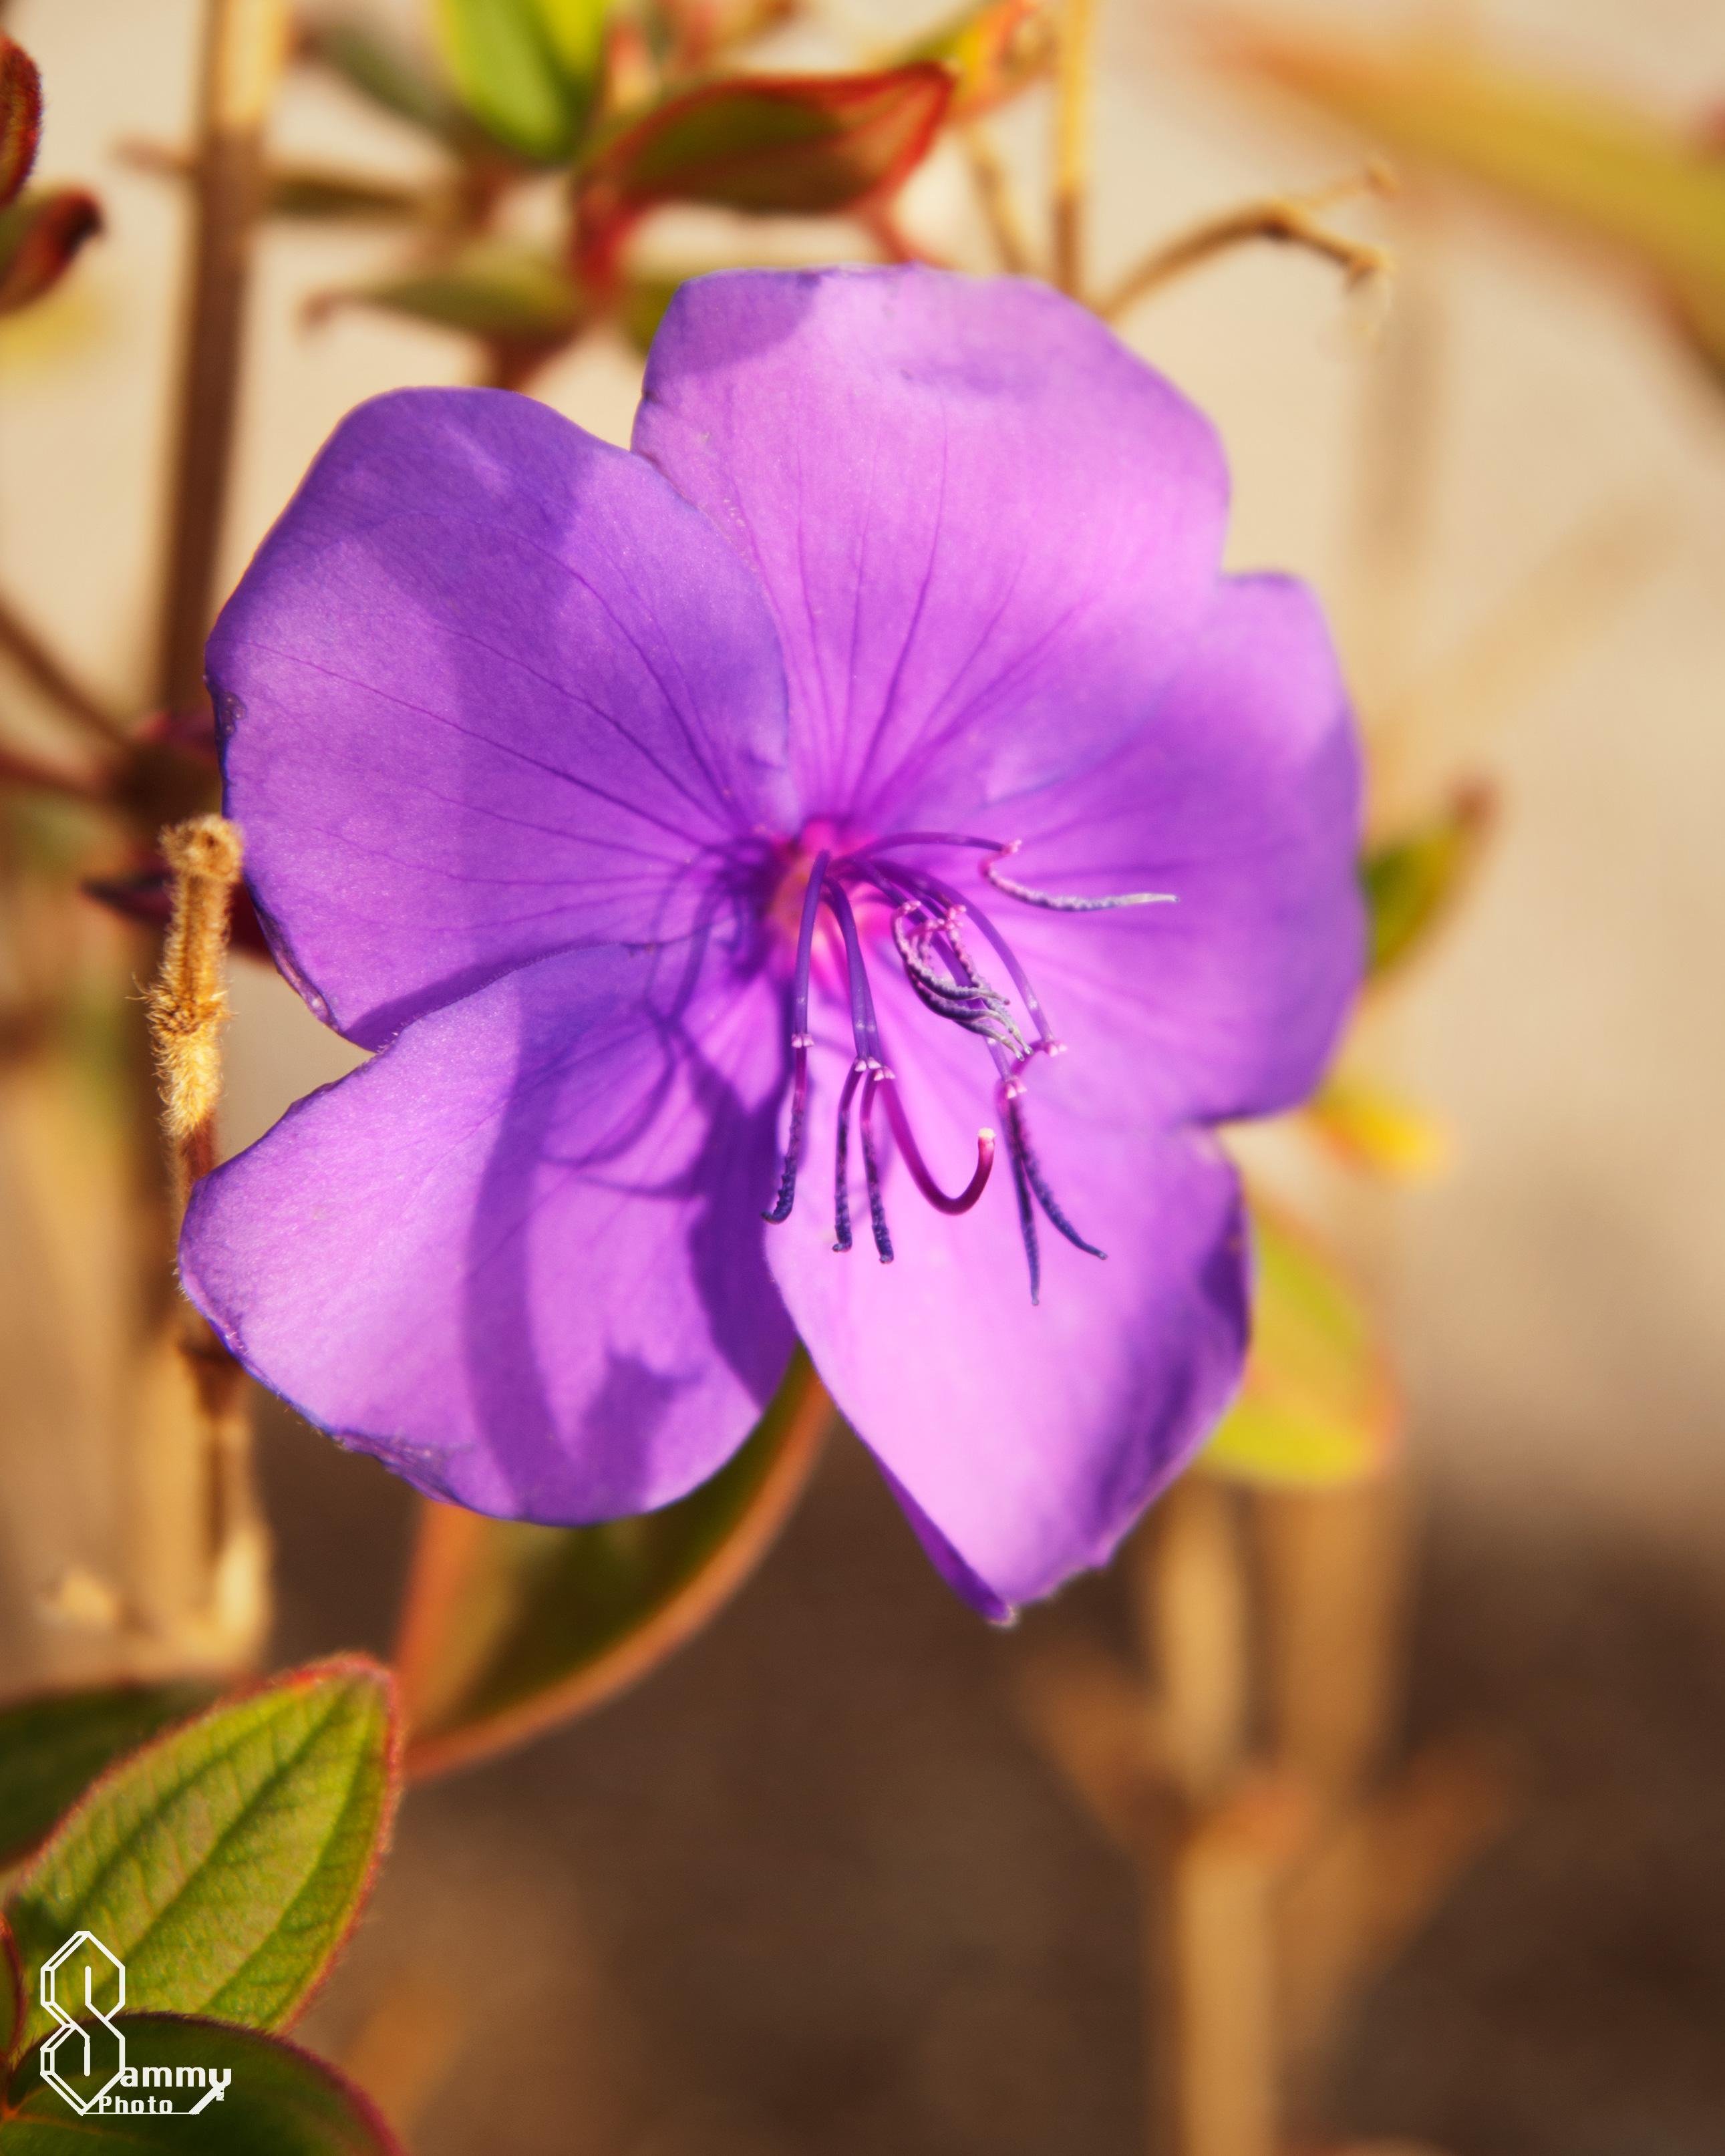 Flower Friday Sammy Photo